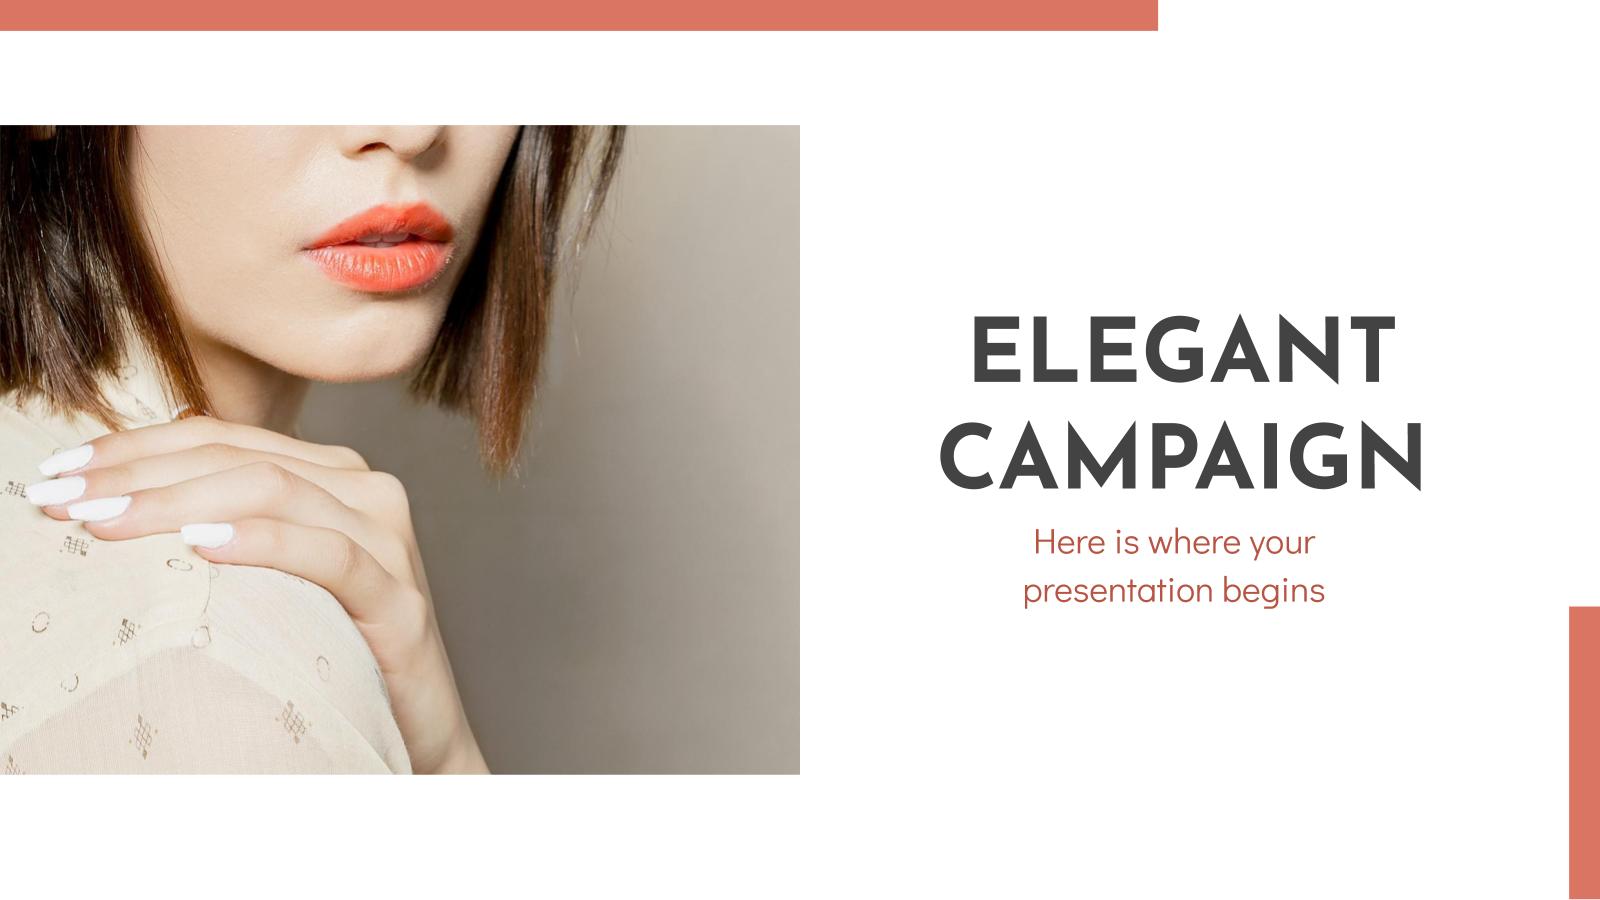 Campagne élégante : Modèles de présentation